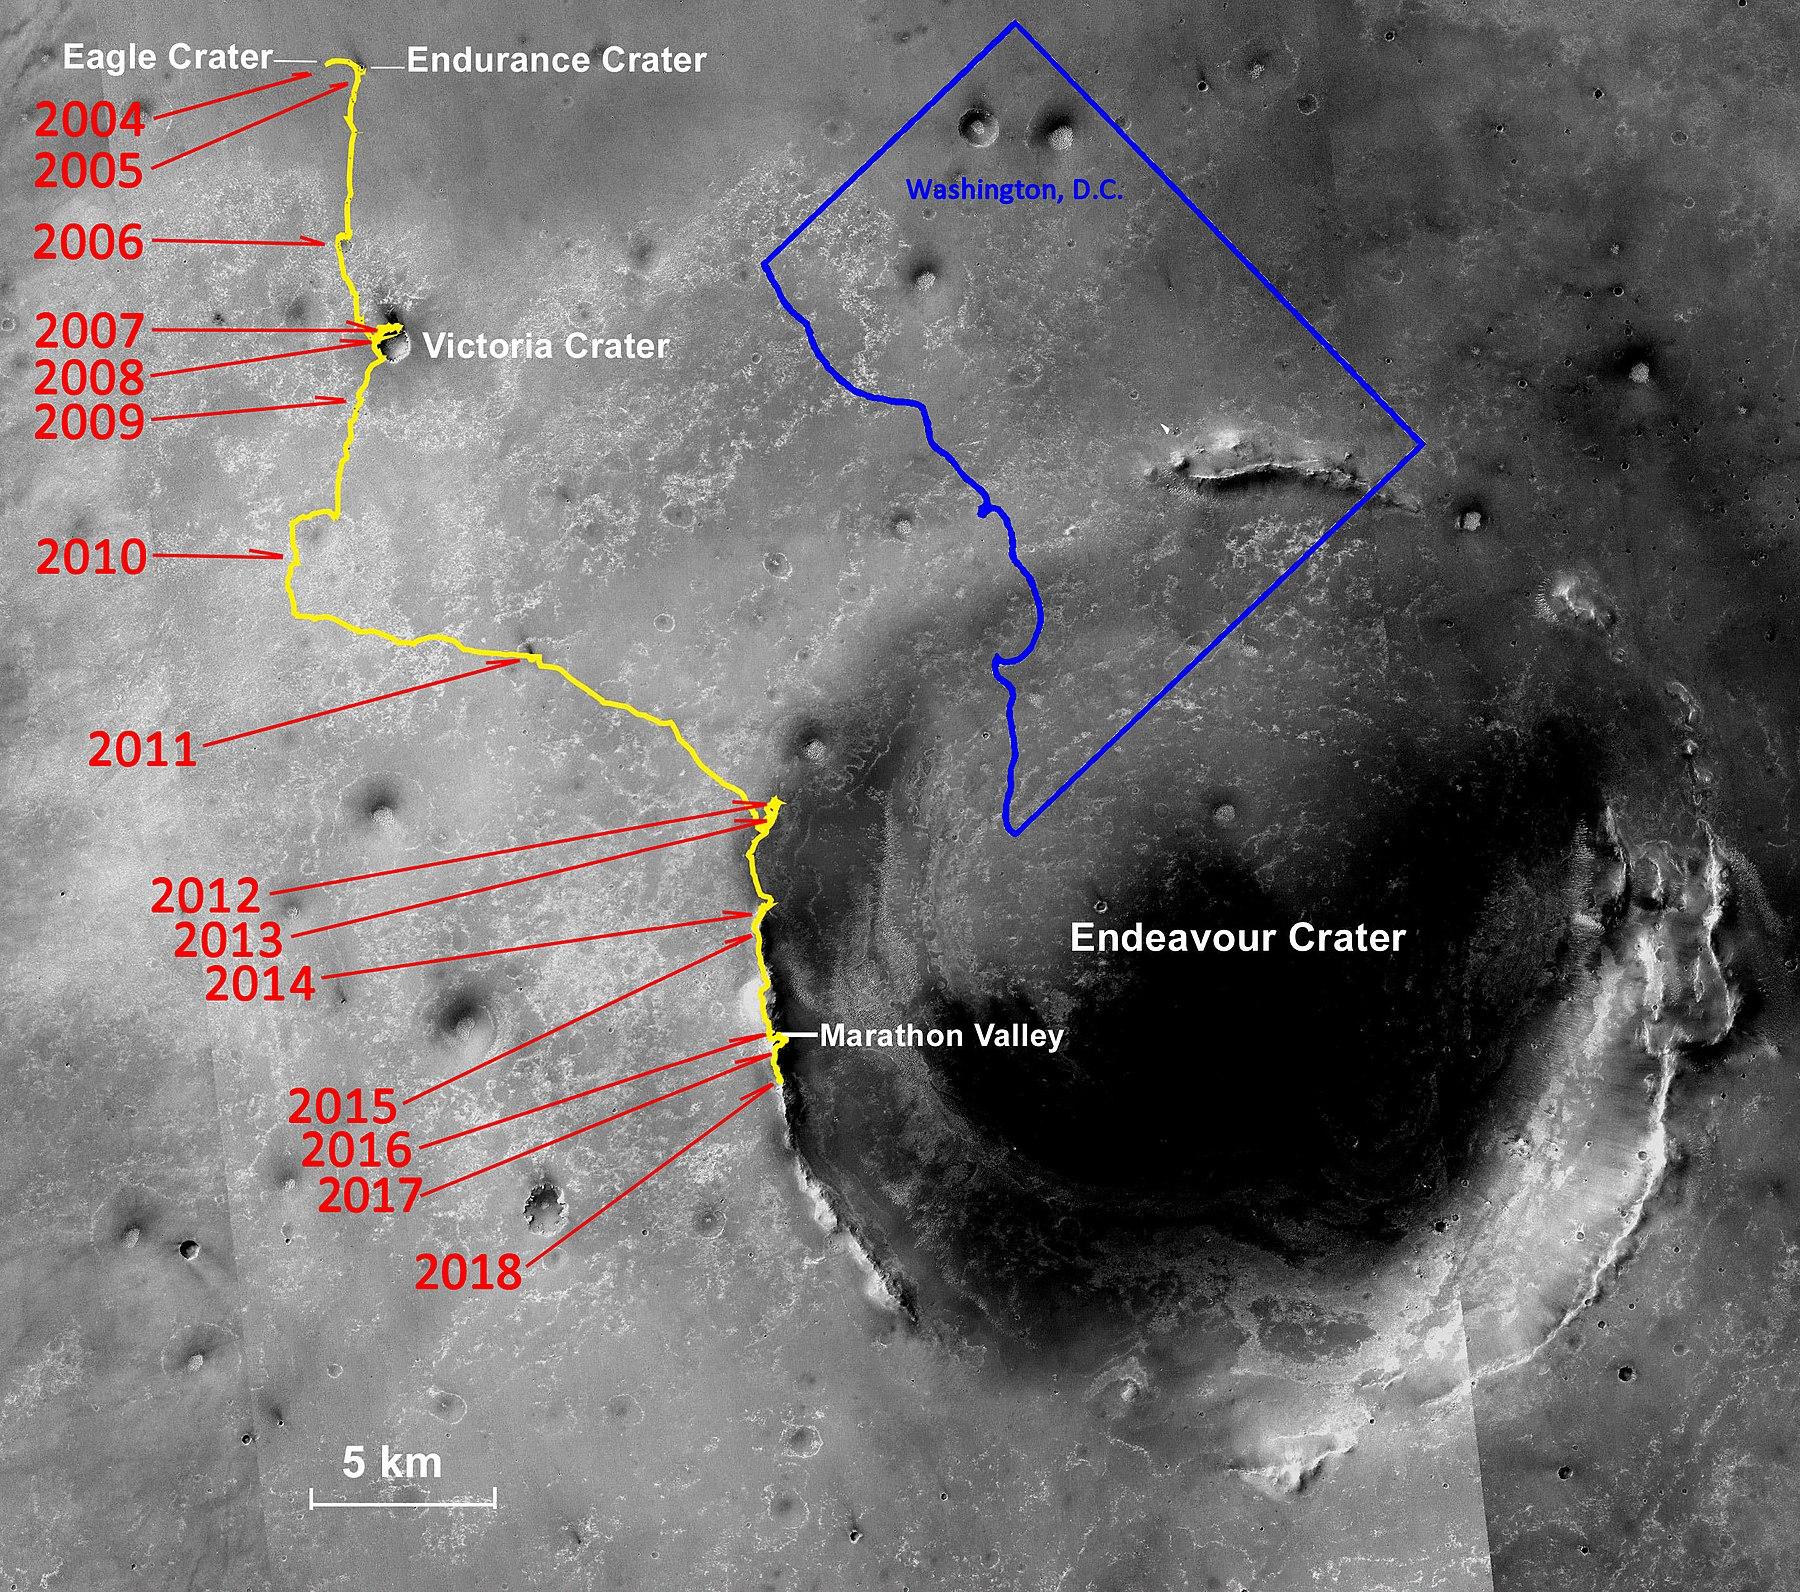 Cesta Opportunity po povrchu Marsu, vpravo pro porovnání velikost Washingtonu D.C.